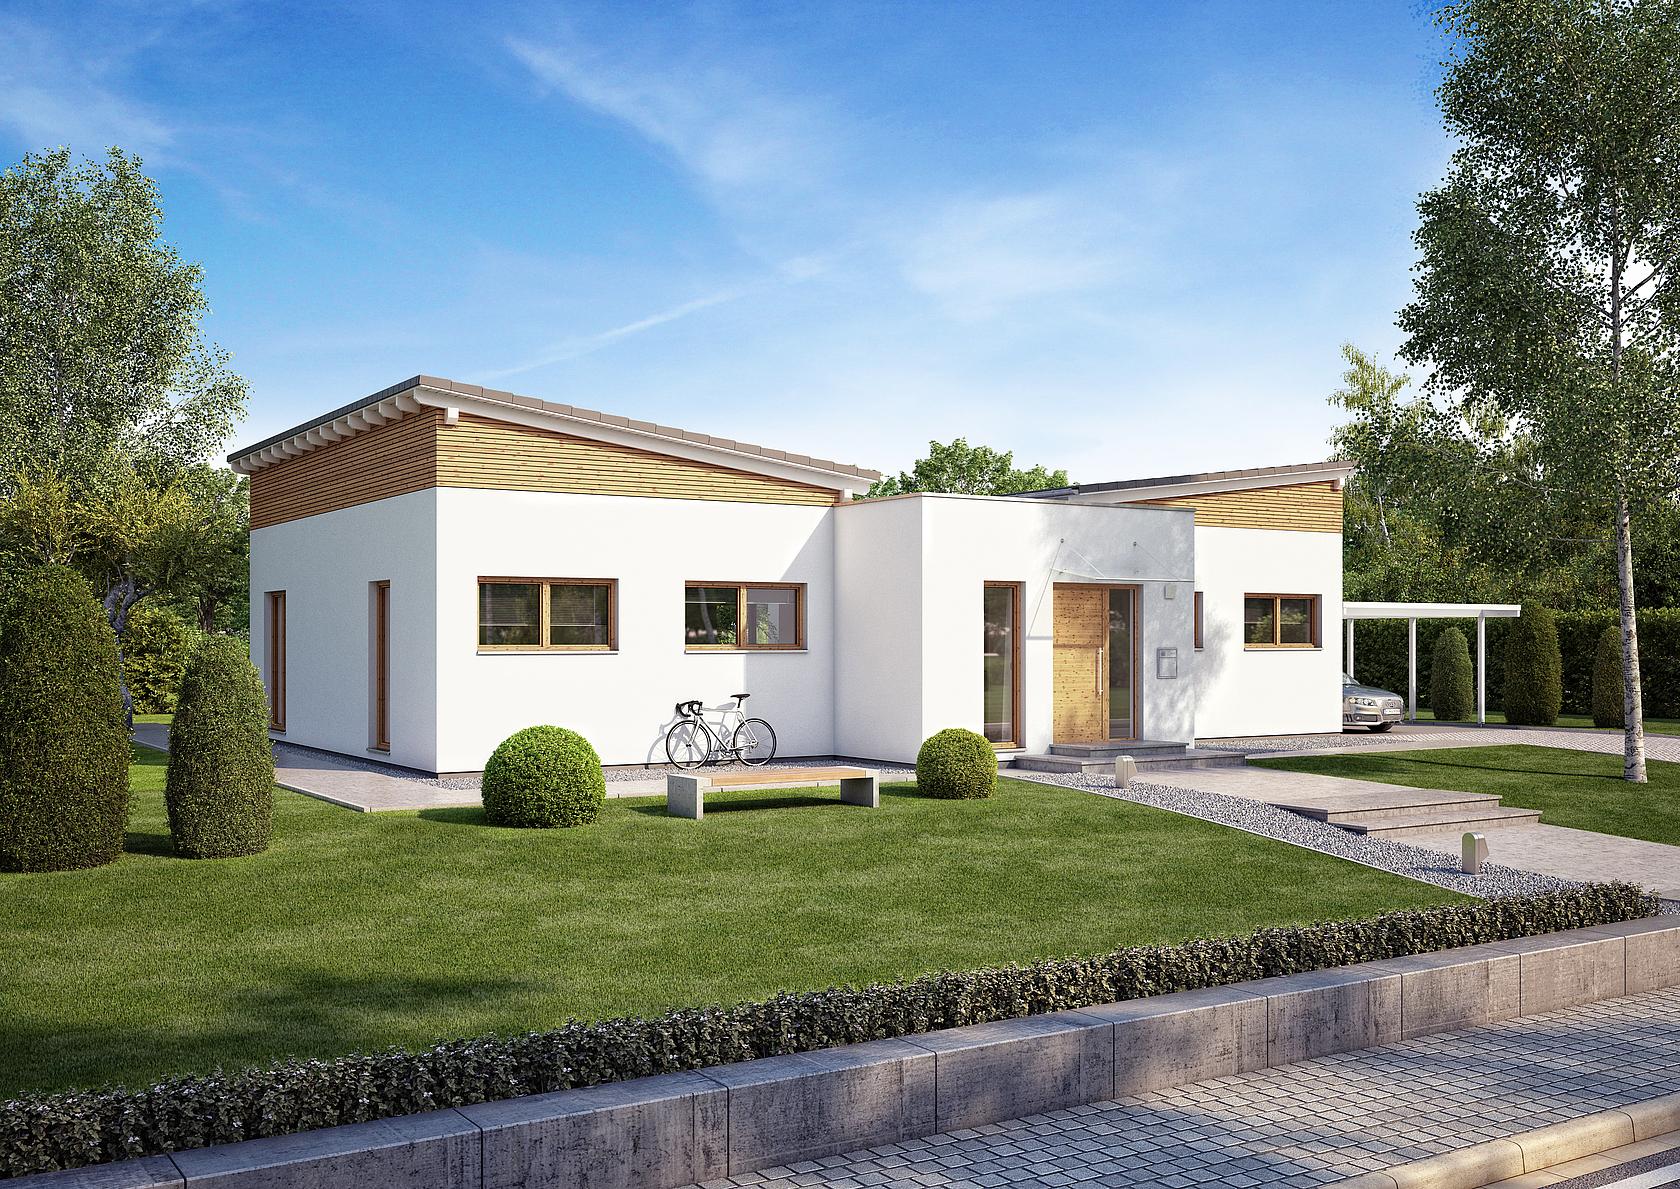 bungalow fokus von kern haus mit schmetterlingsdach. Black Bedroom Furniture Sets. Home Design Ideas